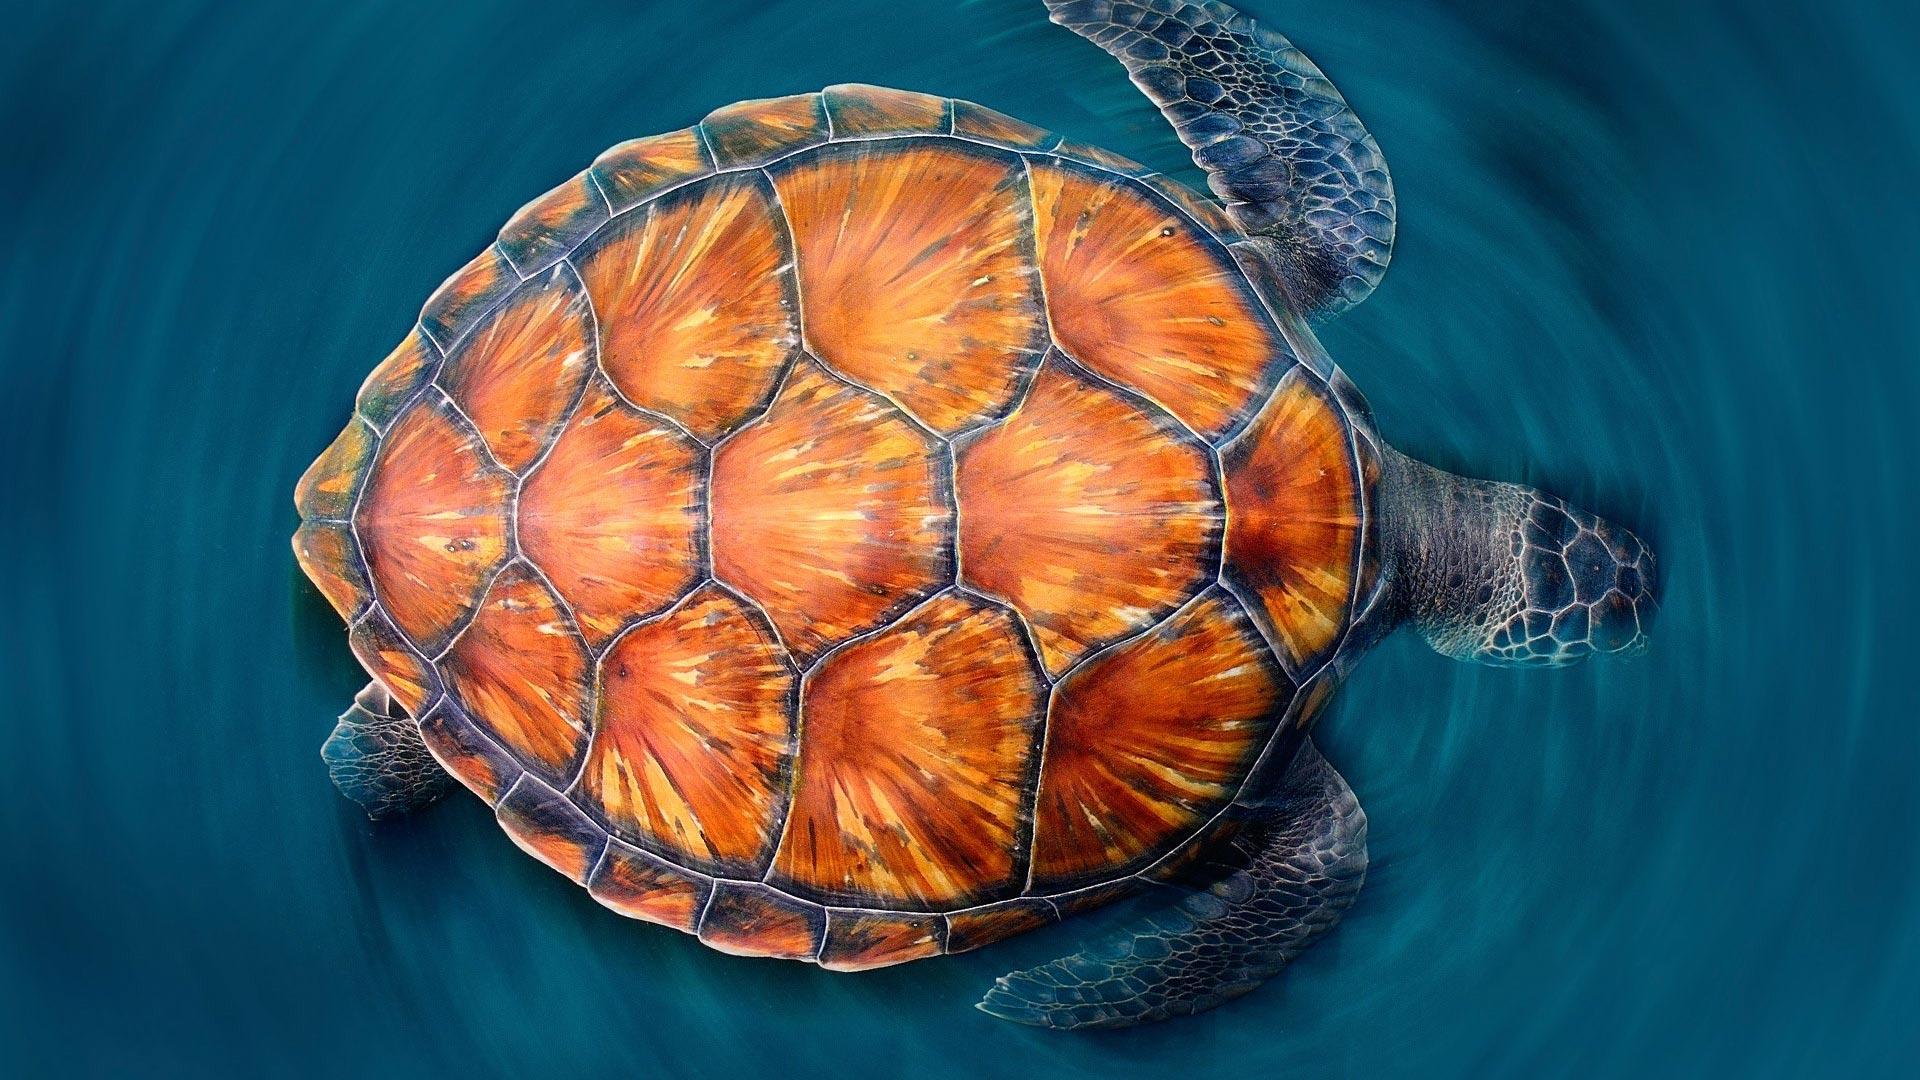 sea turtles theme for windows 10